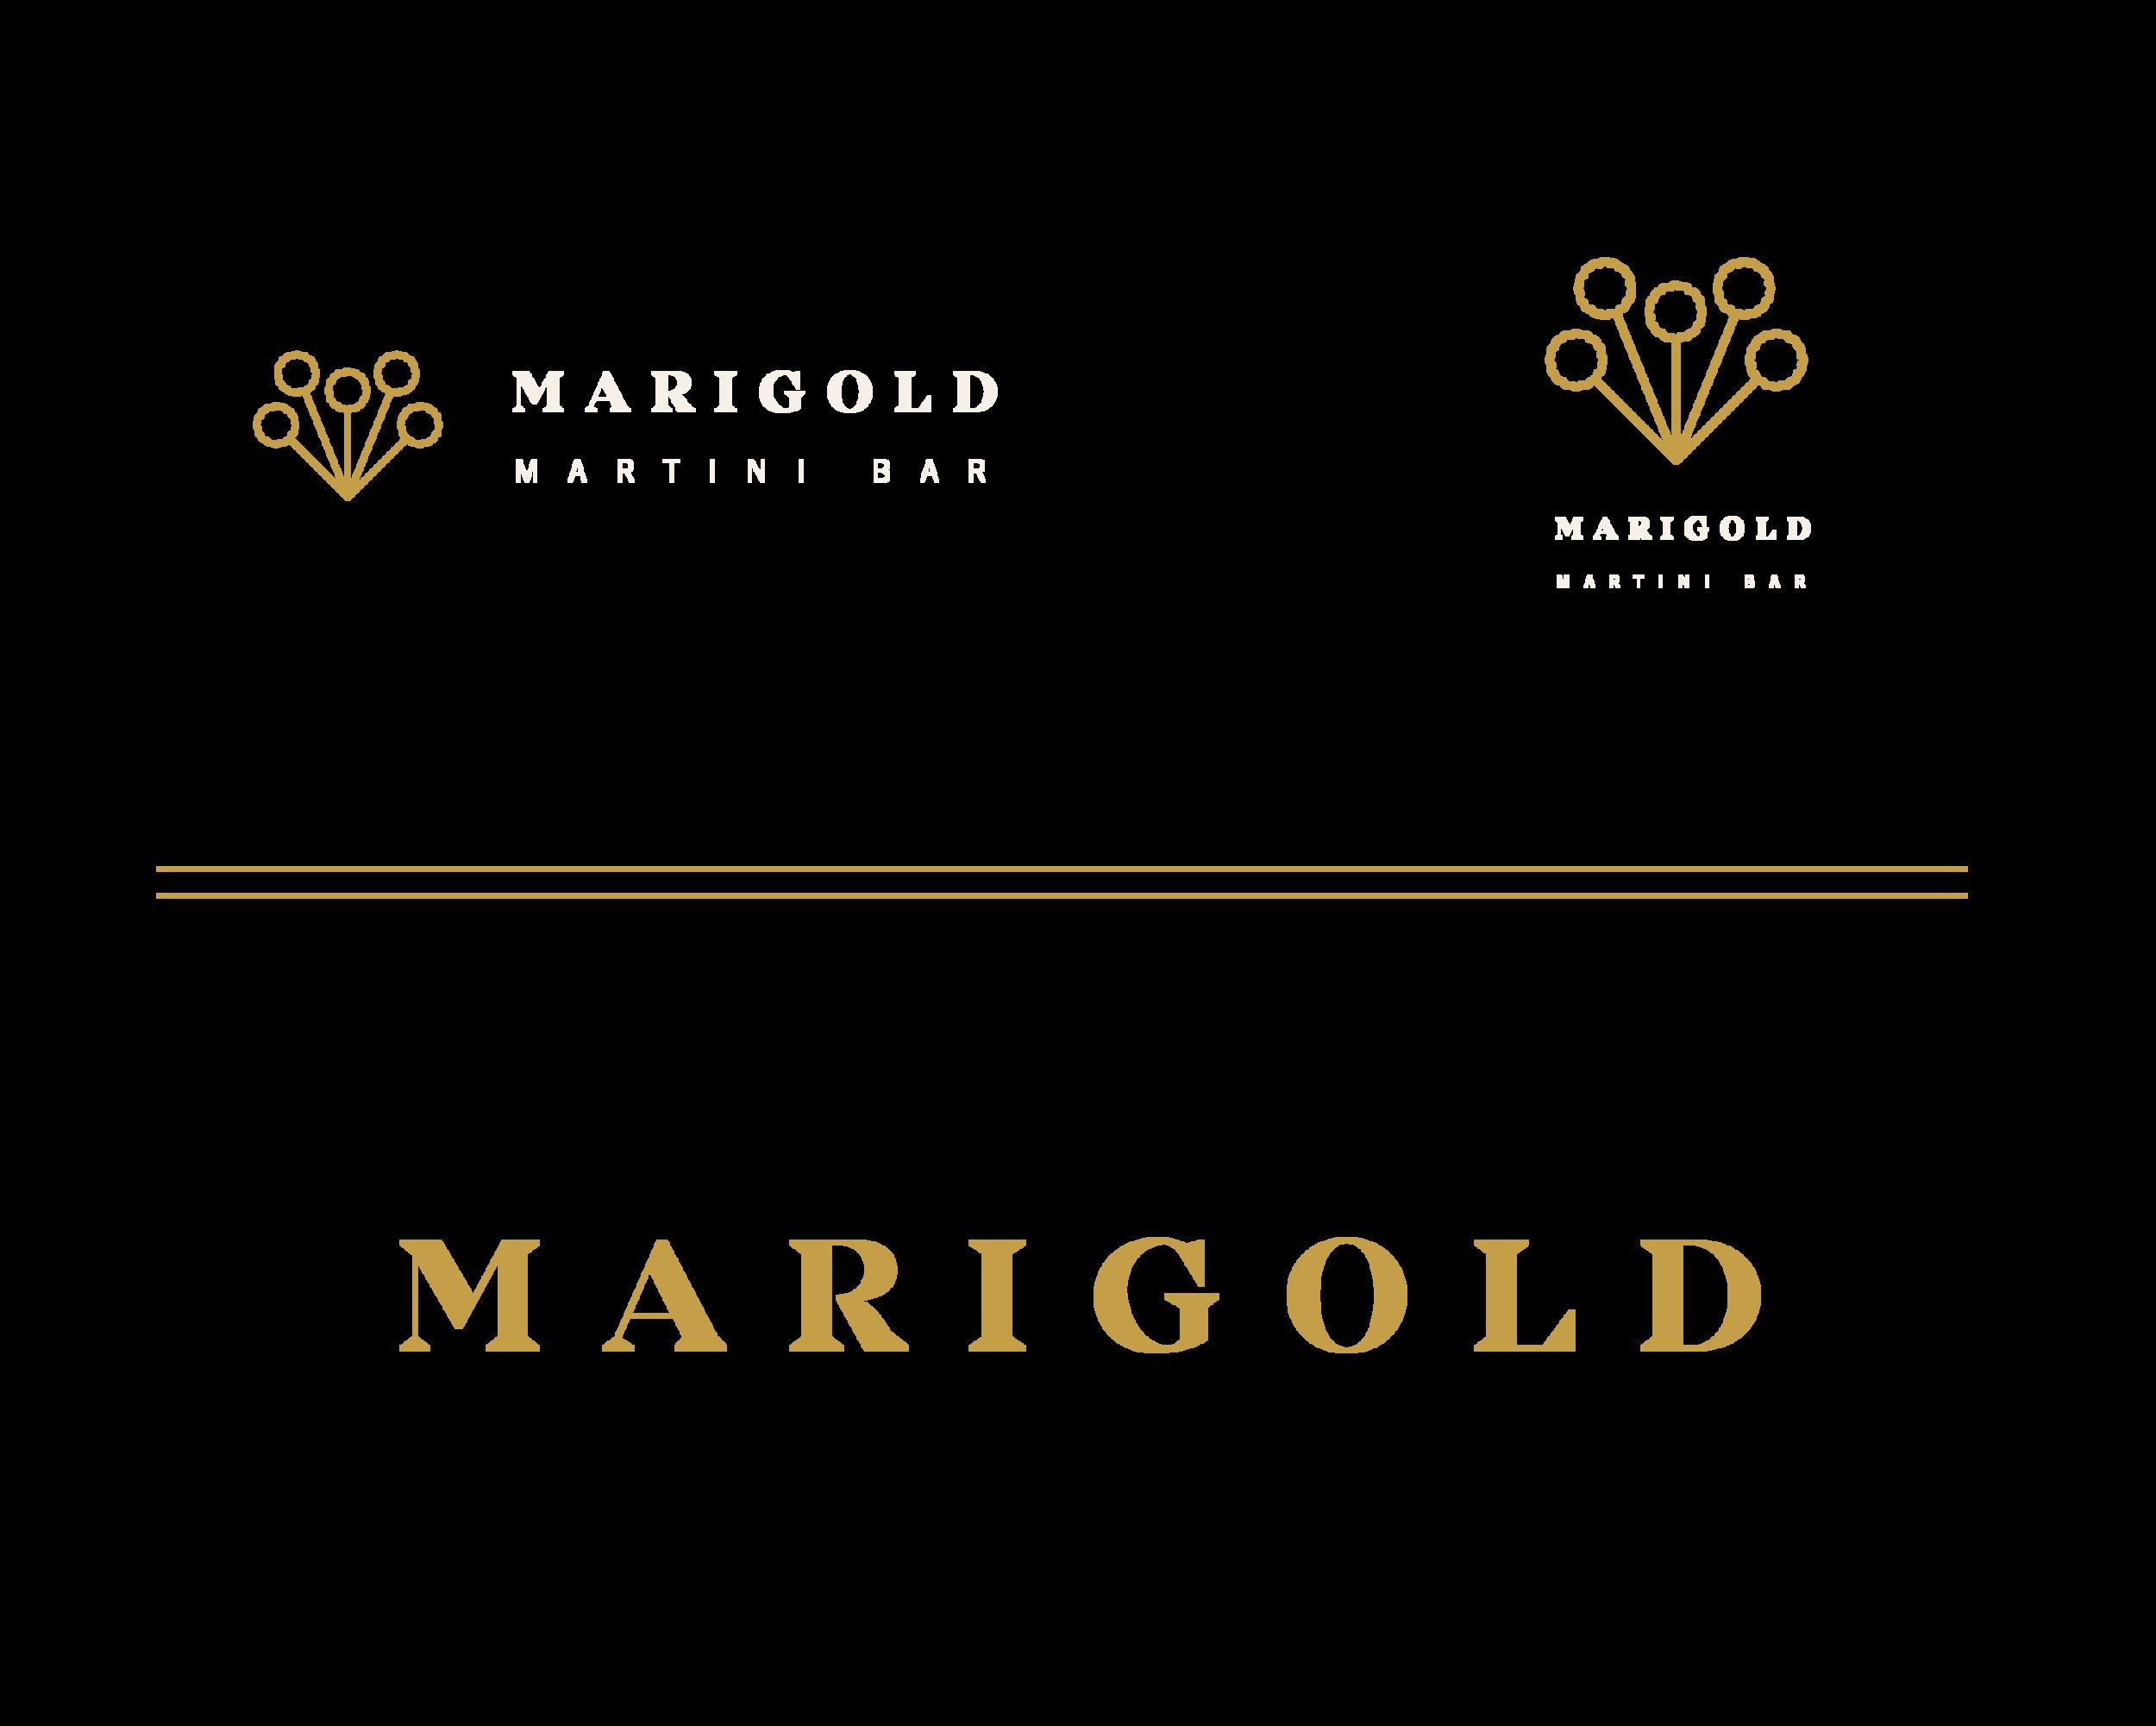 MARIGOLD_Branding_v01-14.png